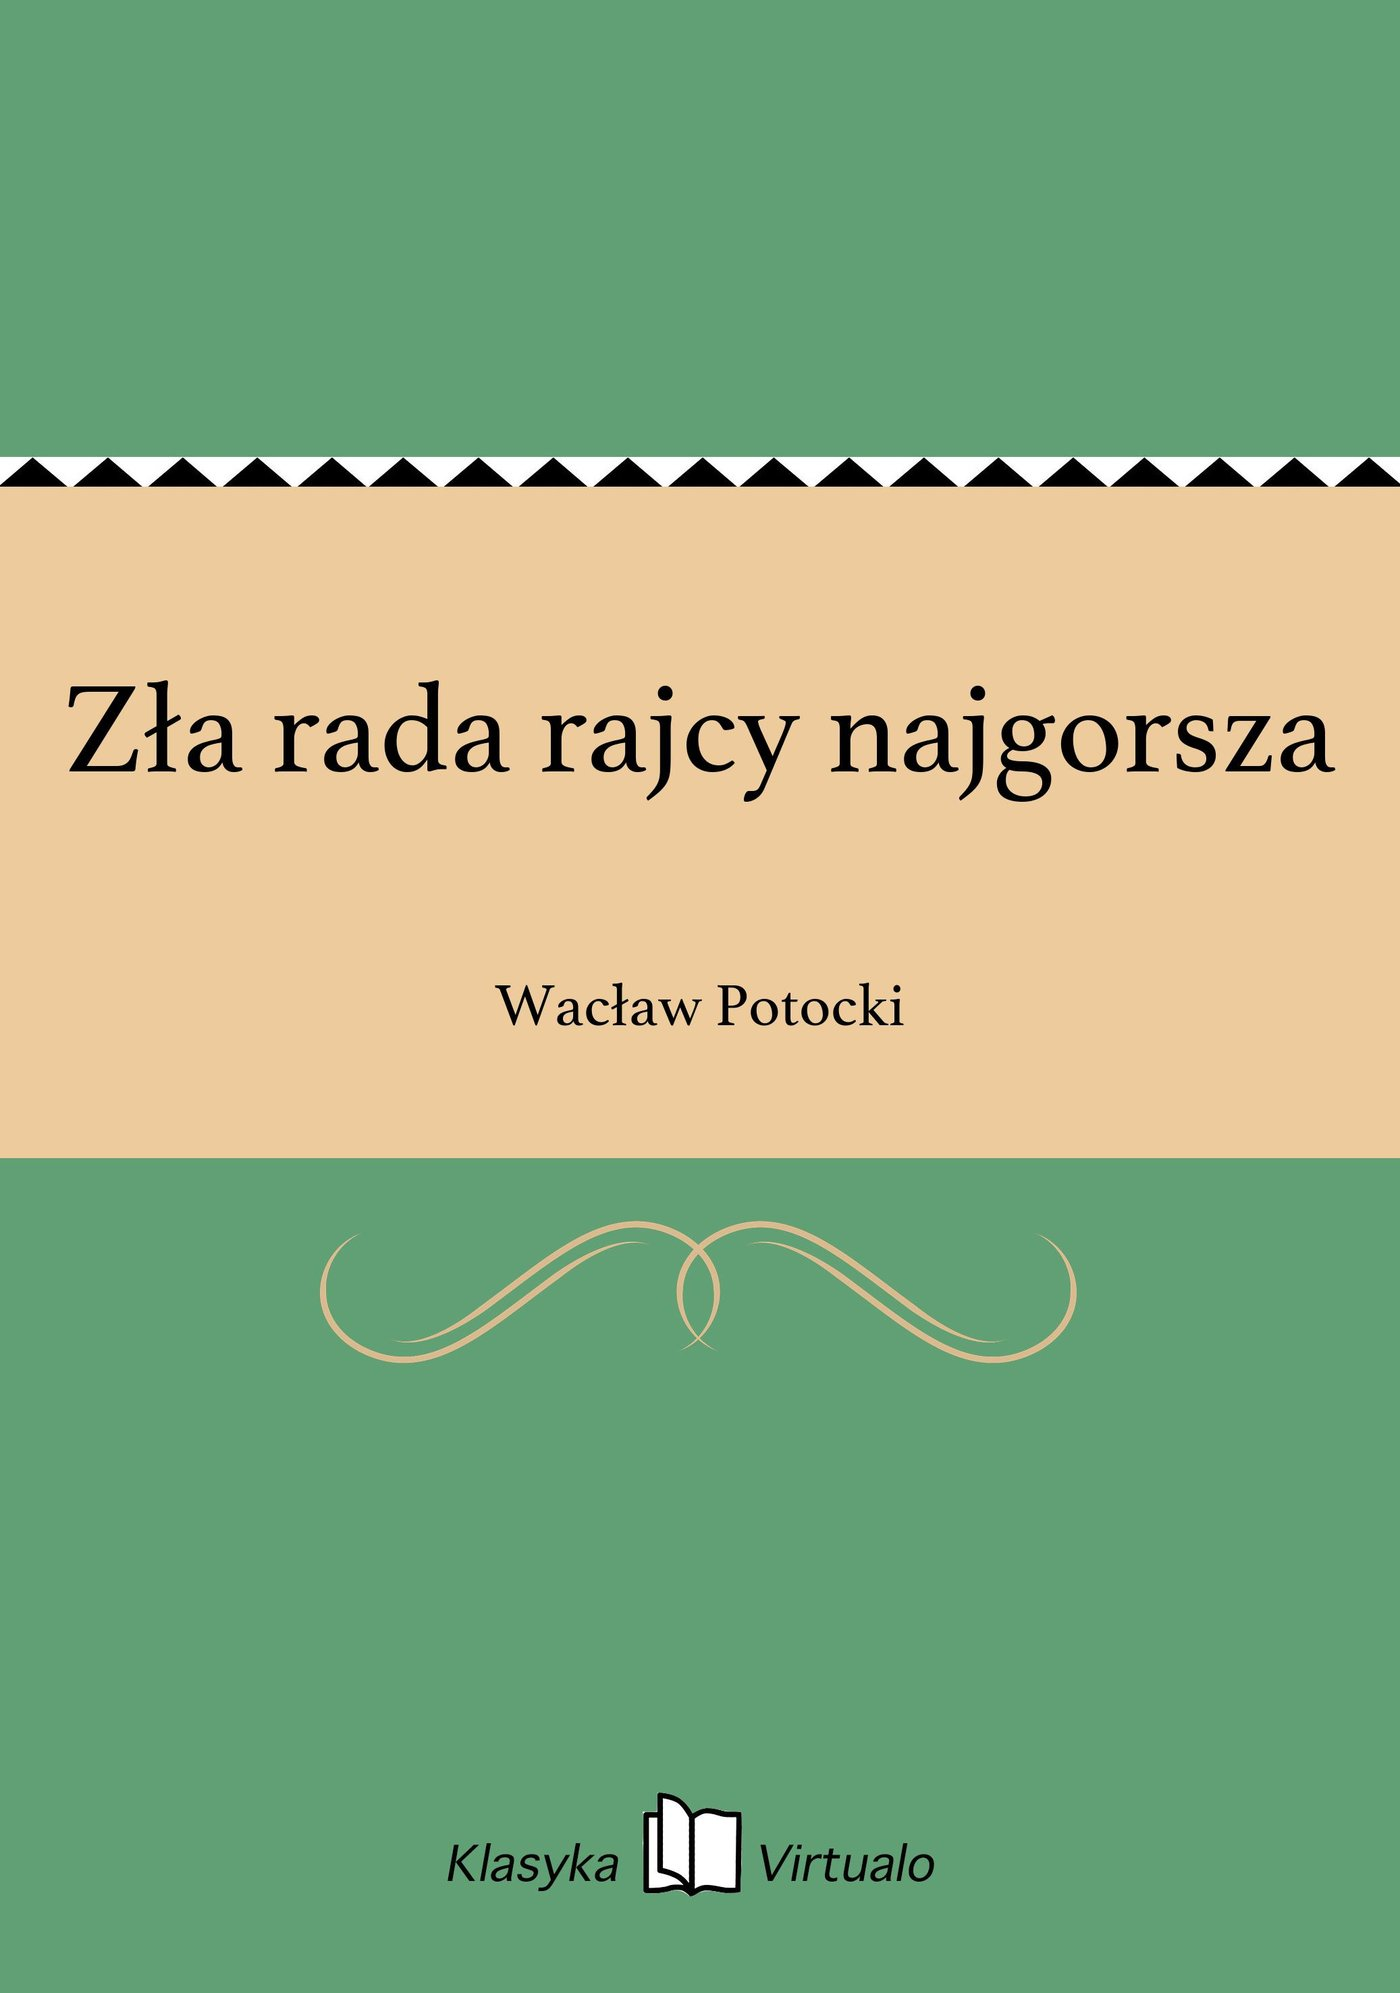 Zła rada rajcy najgorsza - Ebook (Książka EPUB) do pobrania w formacie EPUB